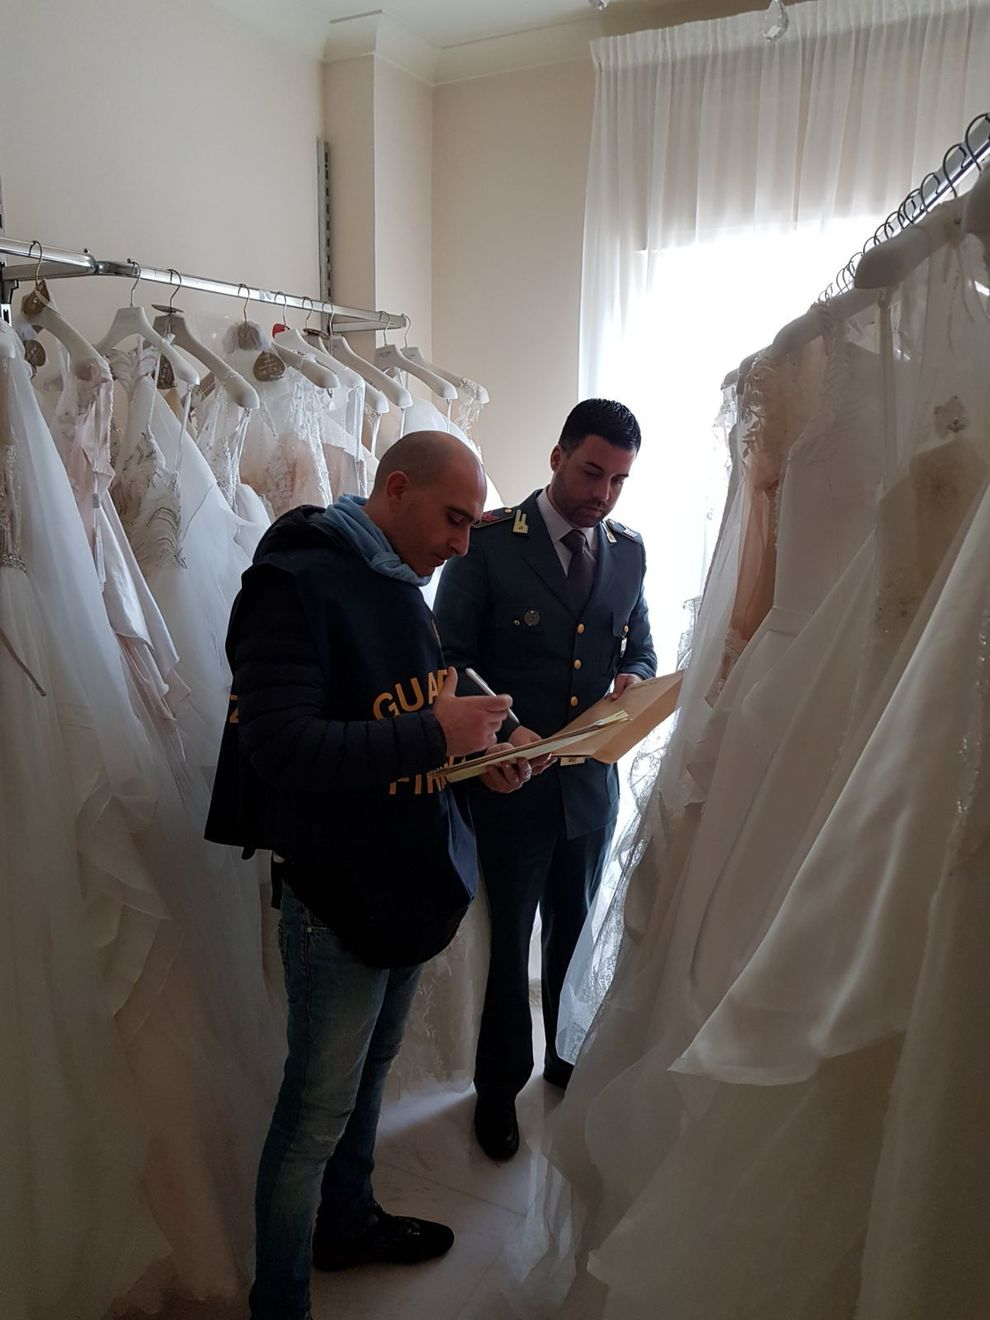 Abiti ComodoSigilli Società Di Da Crea Euro Sposa 700mila Ad Per WBrdCoxe